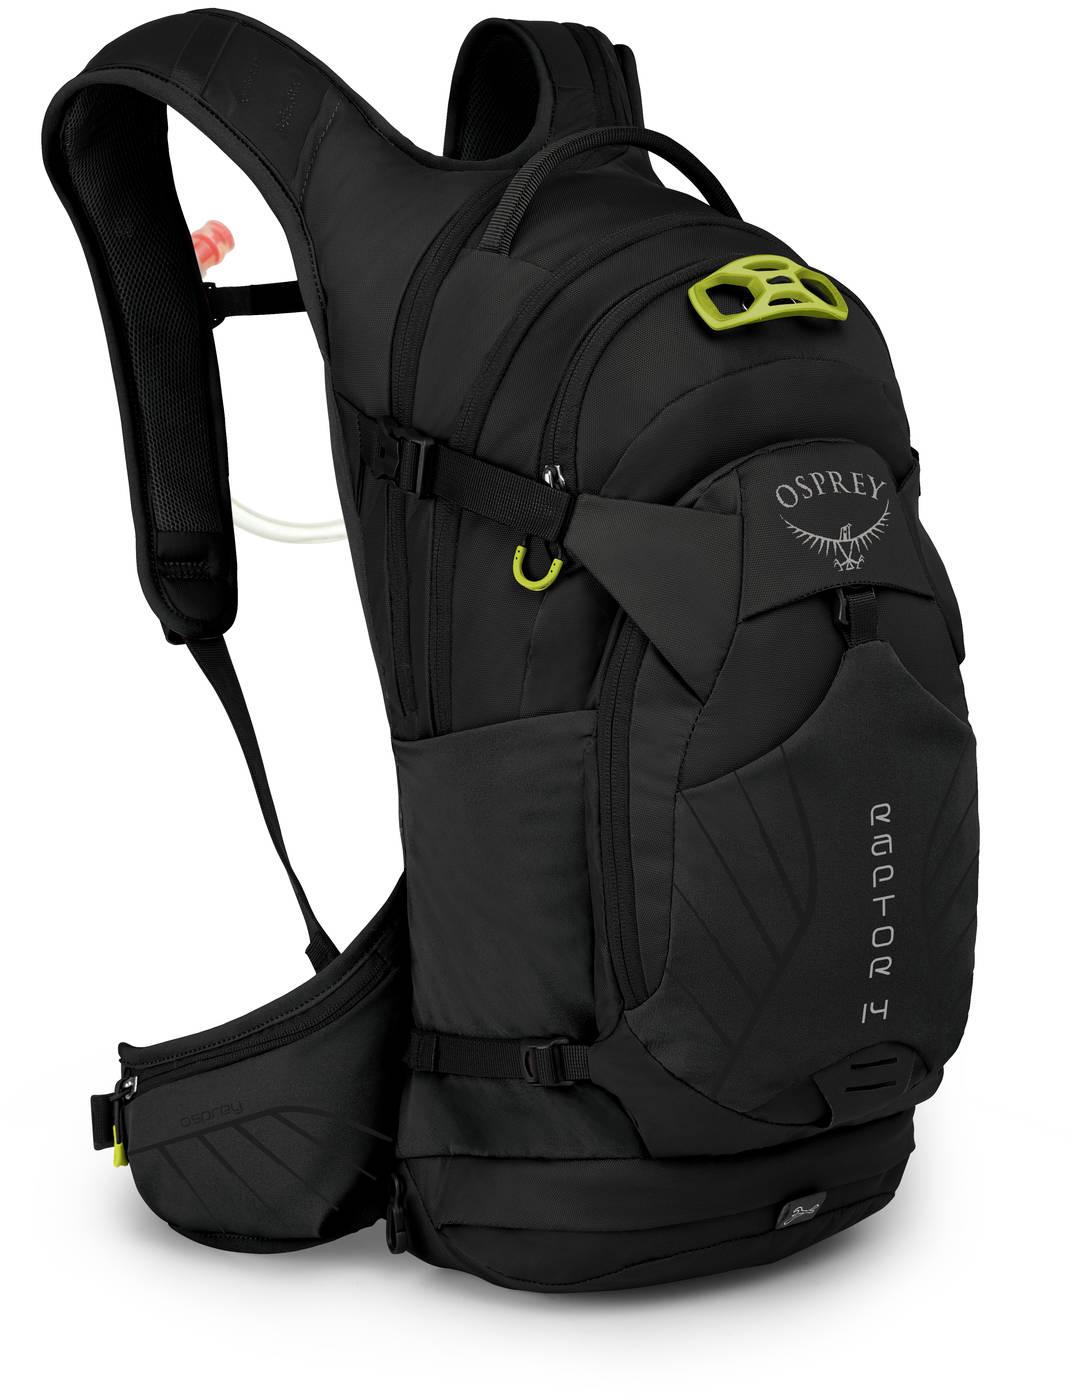 Велорюкзаки Рюкзак велосипедный Osprey Raptor 14 Black Raptor_14_S19_Side_Black_web.jpg